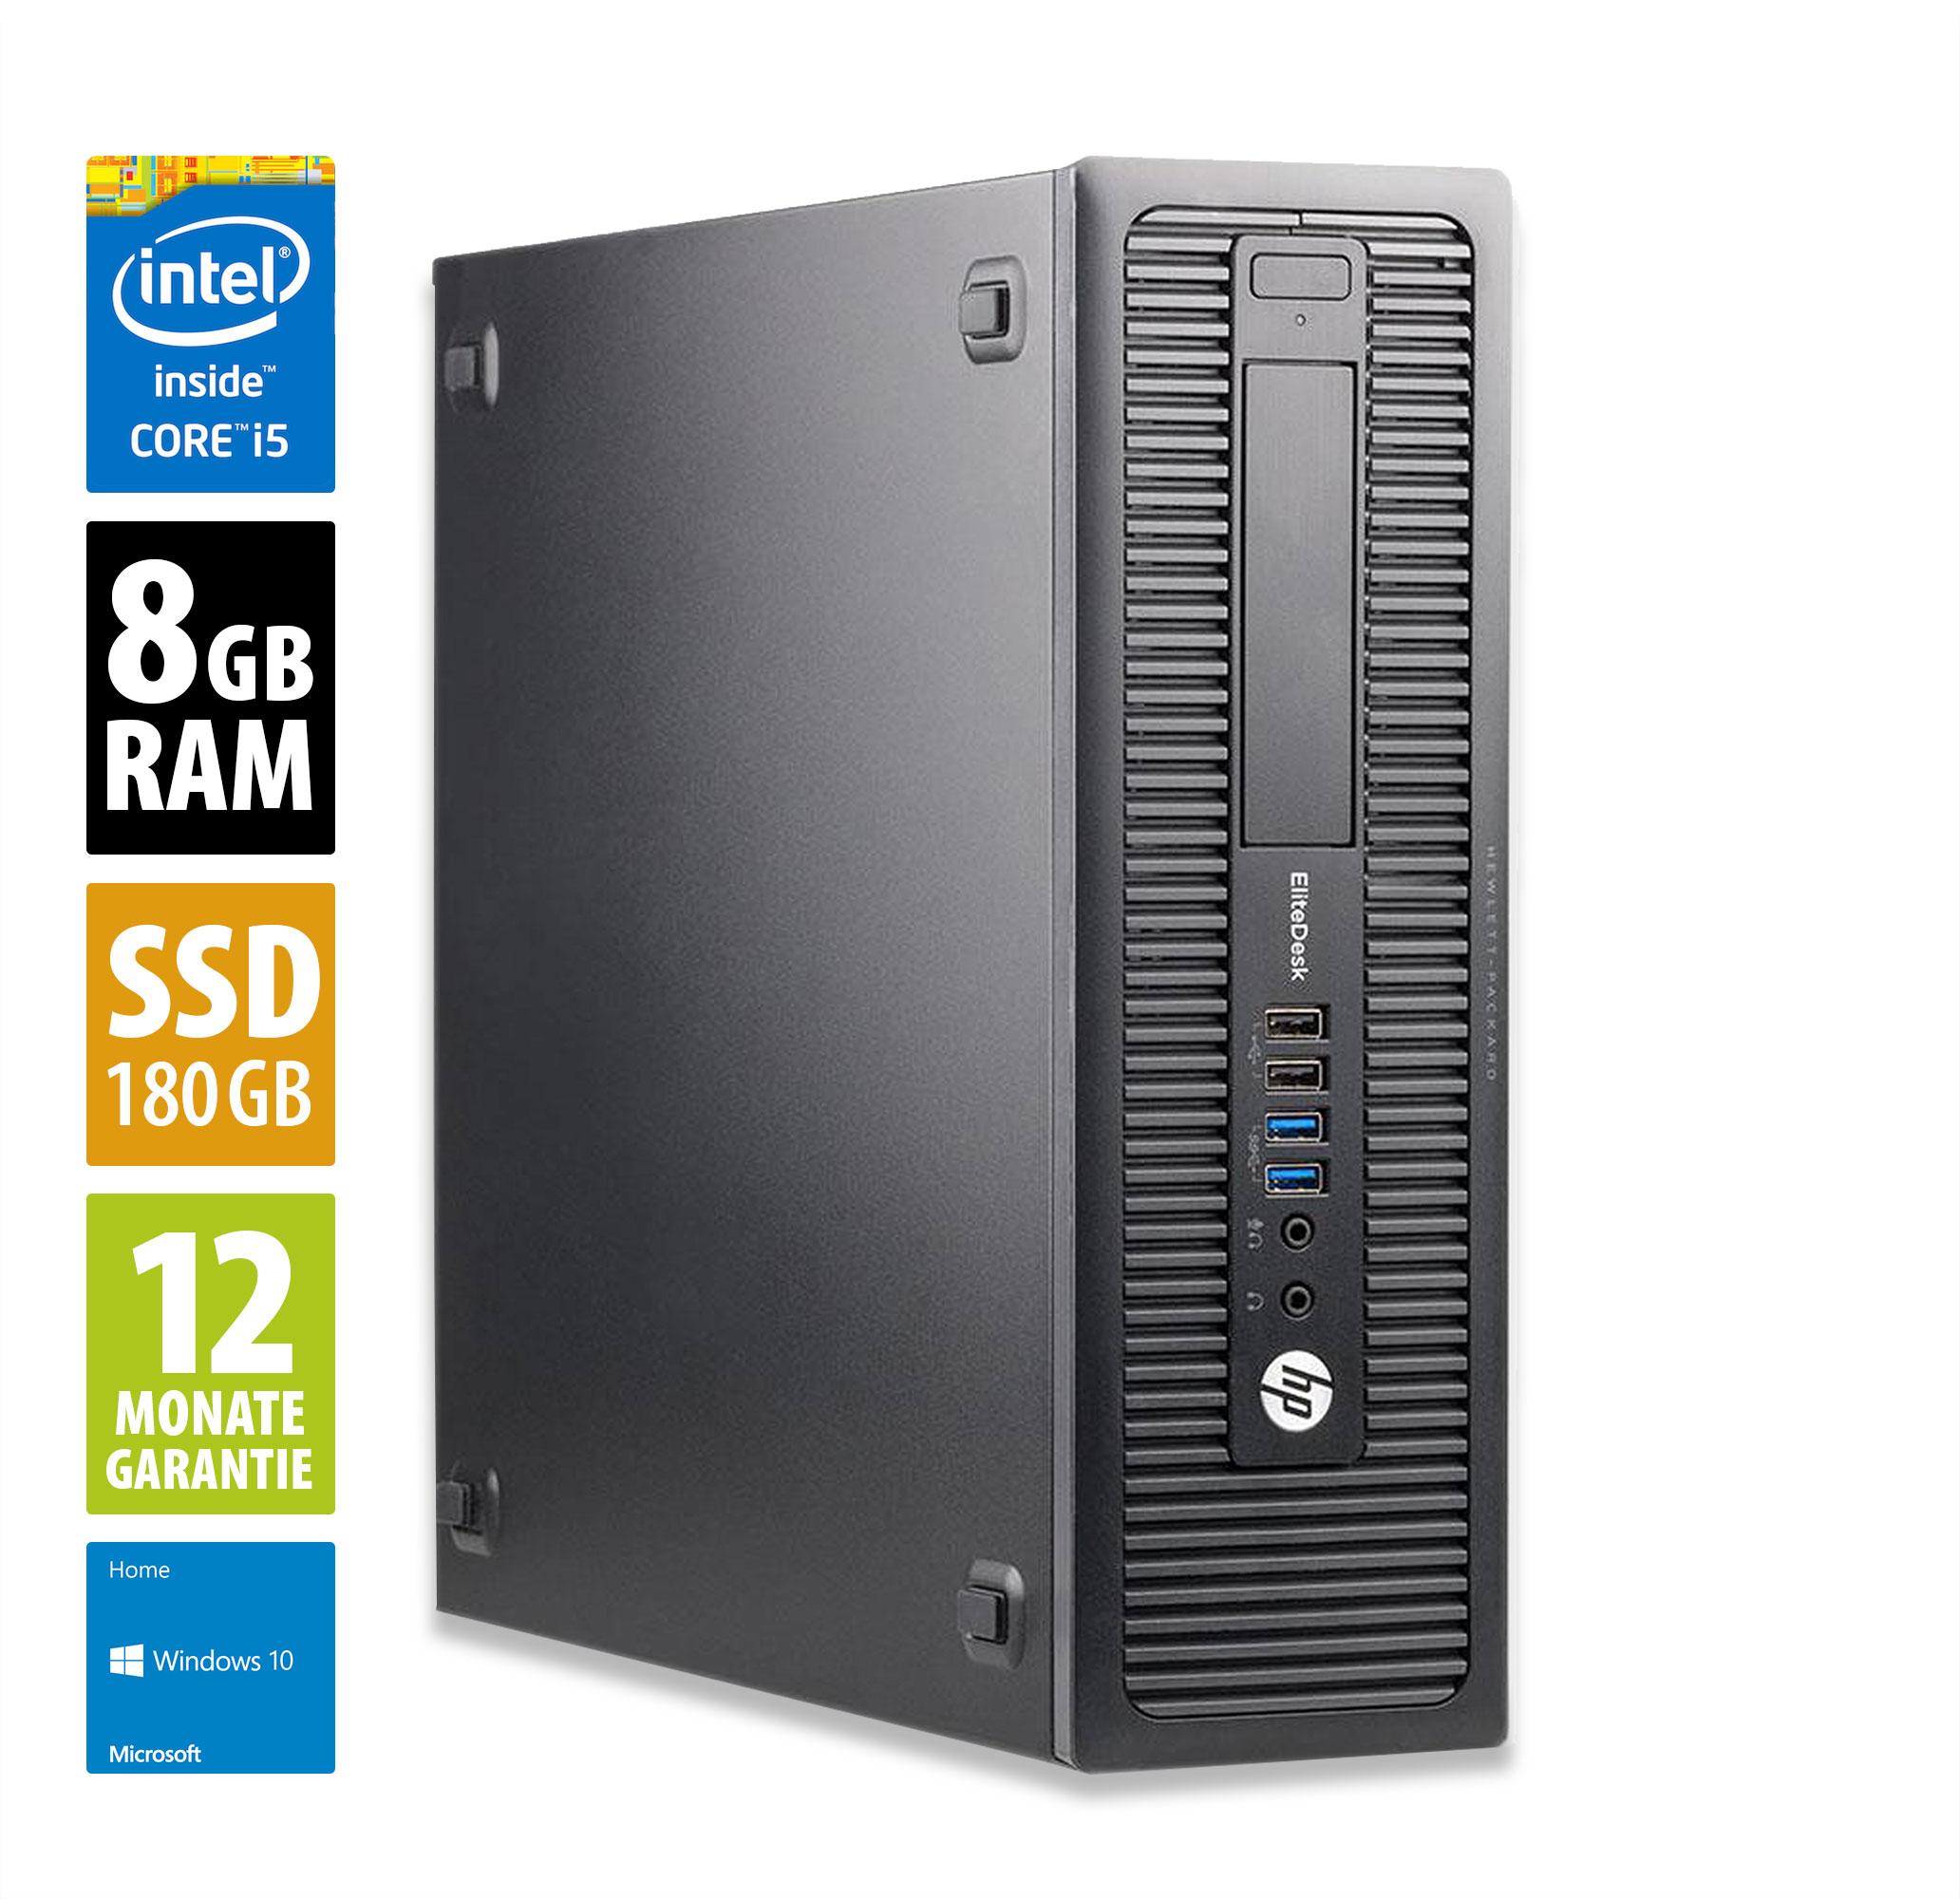 [Grade A] HP EliteDesk 800 G1 SFF (i5-4570, 8GB DDR3-RAM, 180GB SSD, 4x USB 3.0, 6x USB 2.0, 2x DisplayPort, VGA, LAN, Win10 Home)